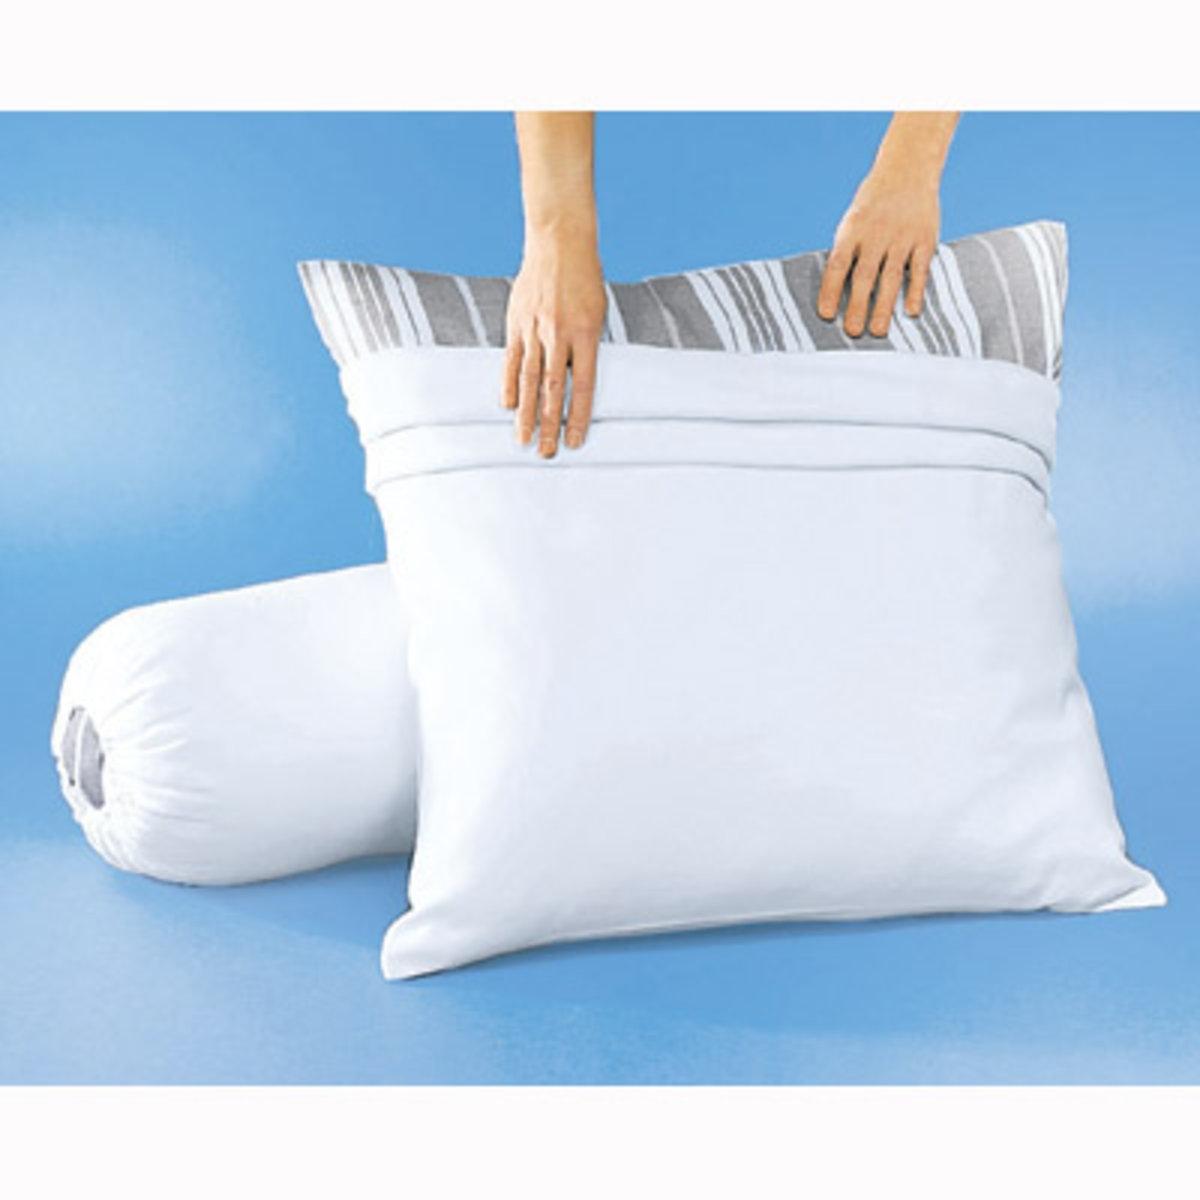 Чехол защитный для подушки от La Redoute